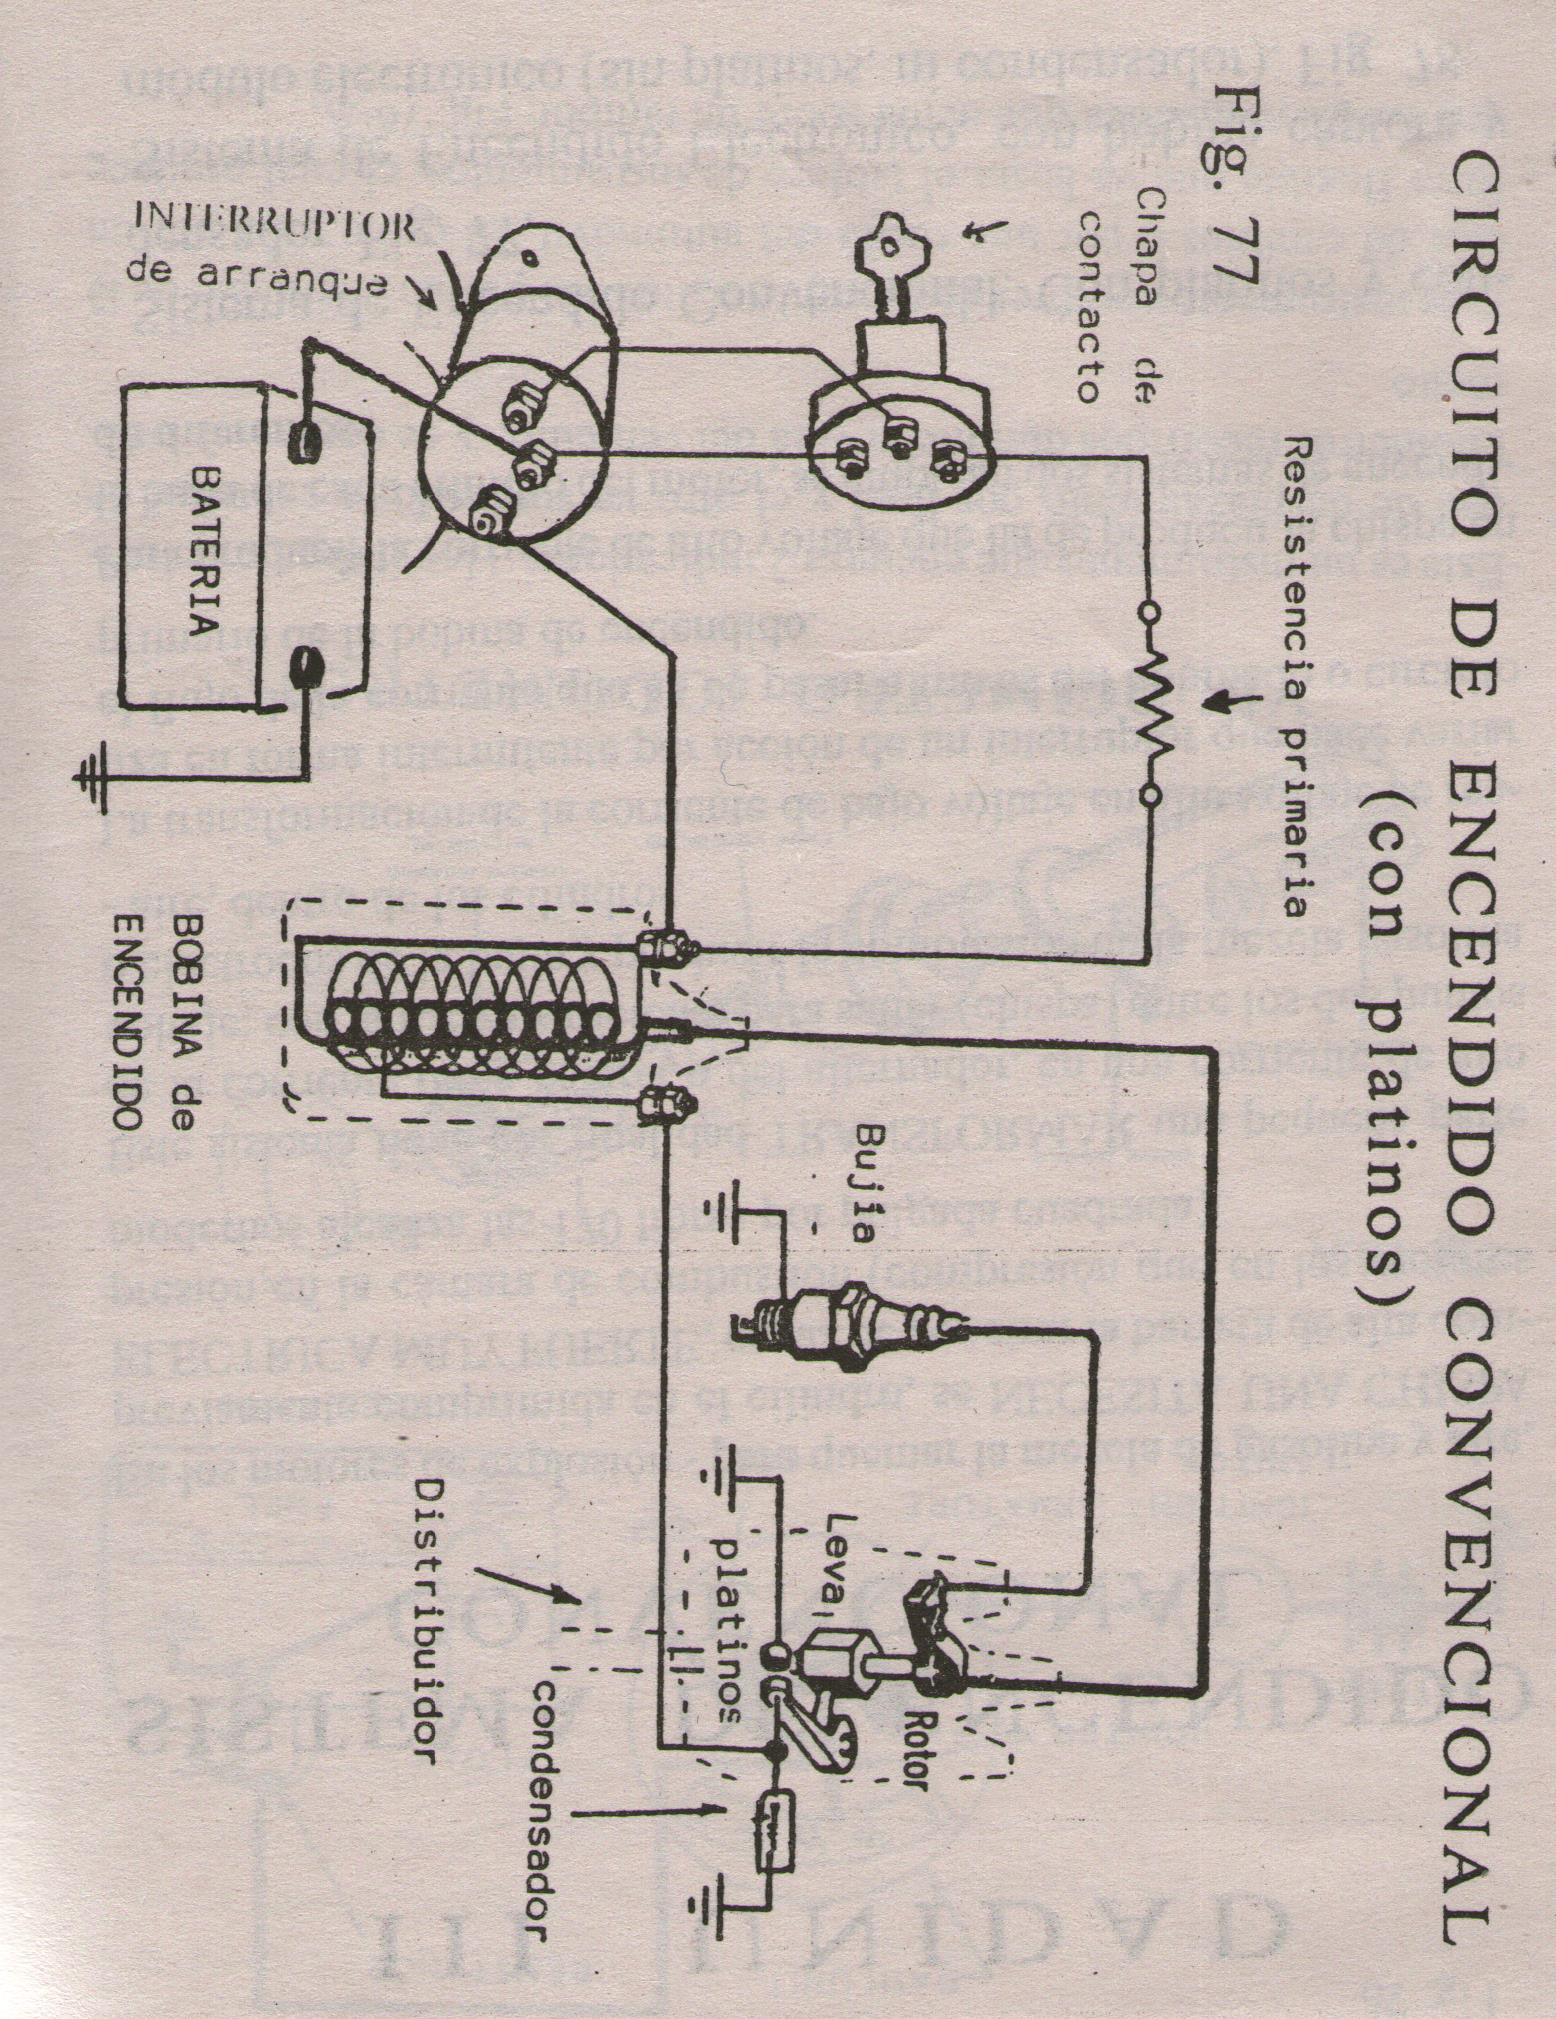 Sistema de luces y controles auxiliares